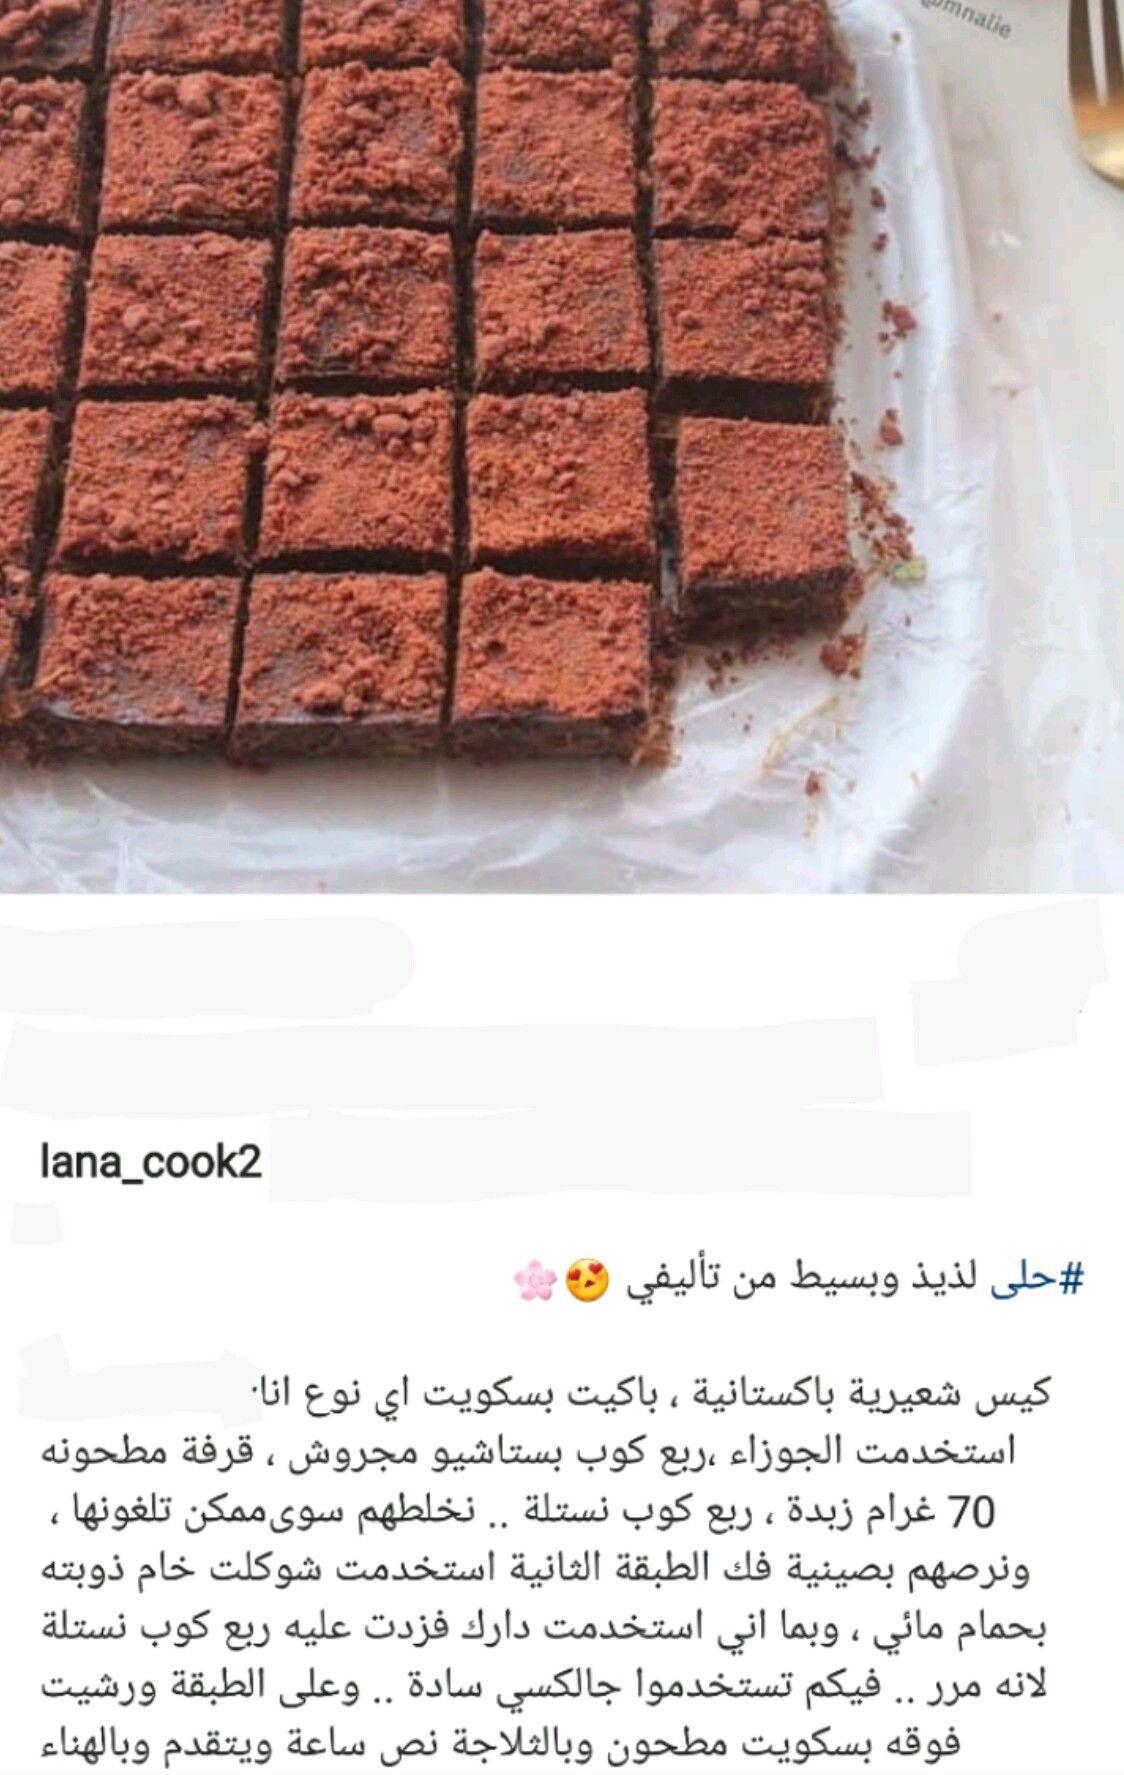 طبخات بالفيديو On Instagram حلا الشعيرية من حساب المبدعه Hya Mshari المقادير حليب بودرة شعيرية Ramadan Desserts Arabic Sweets Food And Drink